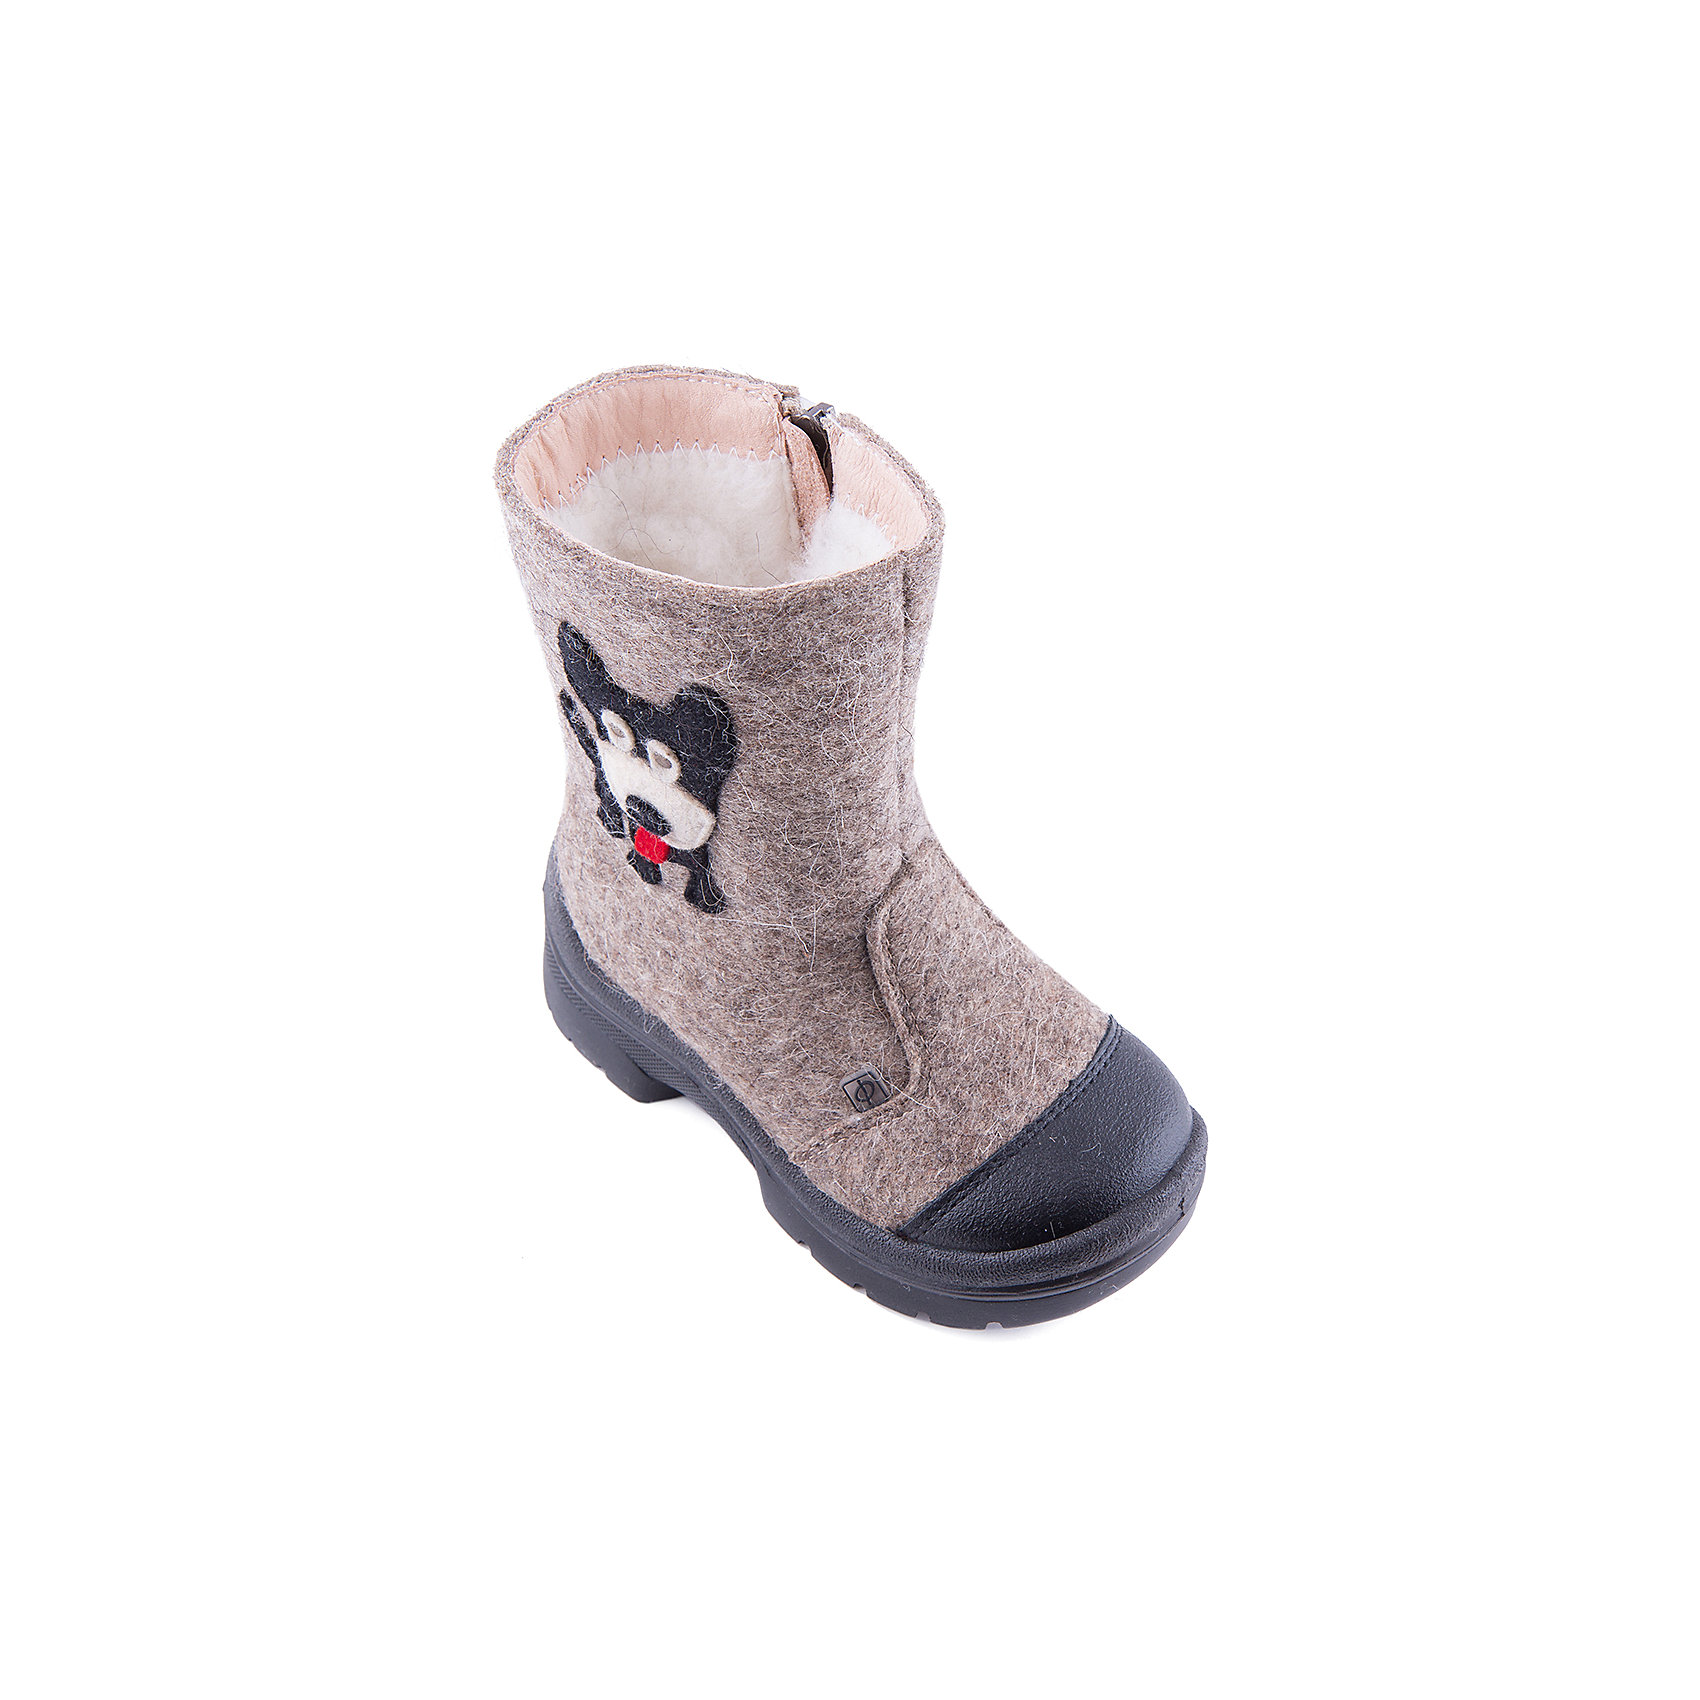 Валенки Гав-Гав для мальчика ФилипокВаленки<br>Характеристики товара:<br><br>• цвет: бежевый<br>• температурный режим: от -5° С до -30° С<br>• внешний материал: эко-войлок (натуральная шерсть)<br>• подкладка: натуральная овечья шерсть<br>• стелька: шерстяной войлок (3,5 мм)<br>• подошва: литая, полиуретан<br>• декорированы аппликацией<br>• подошва с анти скользящей с системой протектора anti slip<br>• застежка: молния<br>• защита носка - натуральная кожа с износостойкой пропиткой<br>• усиленная пятка<br>• толстая устойчивая подошва<br>• страна бренда: РФ<br>• страна изготовитель: РФ<br><br>Очень теплые и удобные валенки для ребенка от известного бренда детской обуви Филипок созданы специально для русской зимы. Качественные материалы с пропиткой против попадания воды внутрь и модный дизайн понравятся и малышам и их родителям. Подошва и стелька обеспечат ребенку комфорт, сухость и тепло, позволяя в полной мере наслаждаться зимним отдыхом. Усиленная защита пятки и носка обеспечивает дополнительную безопасность детских ног в этих сапожках.<br>Эта красивая и удобная обувь прослужит долго благодаря отличному качеству. Производитель анти скользящее покрытие и амортизирующие свойства подошвы! Модель производится из качественных и проверенных материалов, которые безопасны для детей.<br><br>Валенки для мальчика от бренда Филипок можно купить в нашем интернет-магазине.<br><br>Ширина мм: 257<br>Глубина мм: 180<br>Высота мм: 130<br>Вес г: 420<br>Цвет: бежевый<br>Возраст от месяцев: 15<br>Возраст до месяцев: 18<br>Пол: Мужской<br>Возраст: Детский<br>Размер: 22,25,27,30,29,28,26,24,23<br>SKU: 4207188